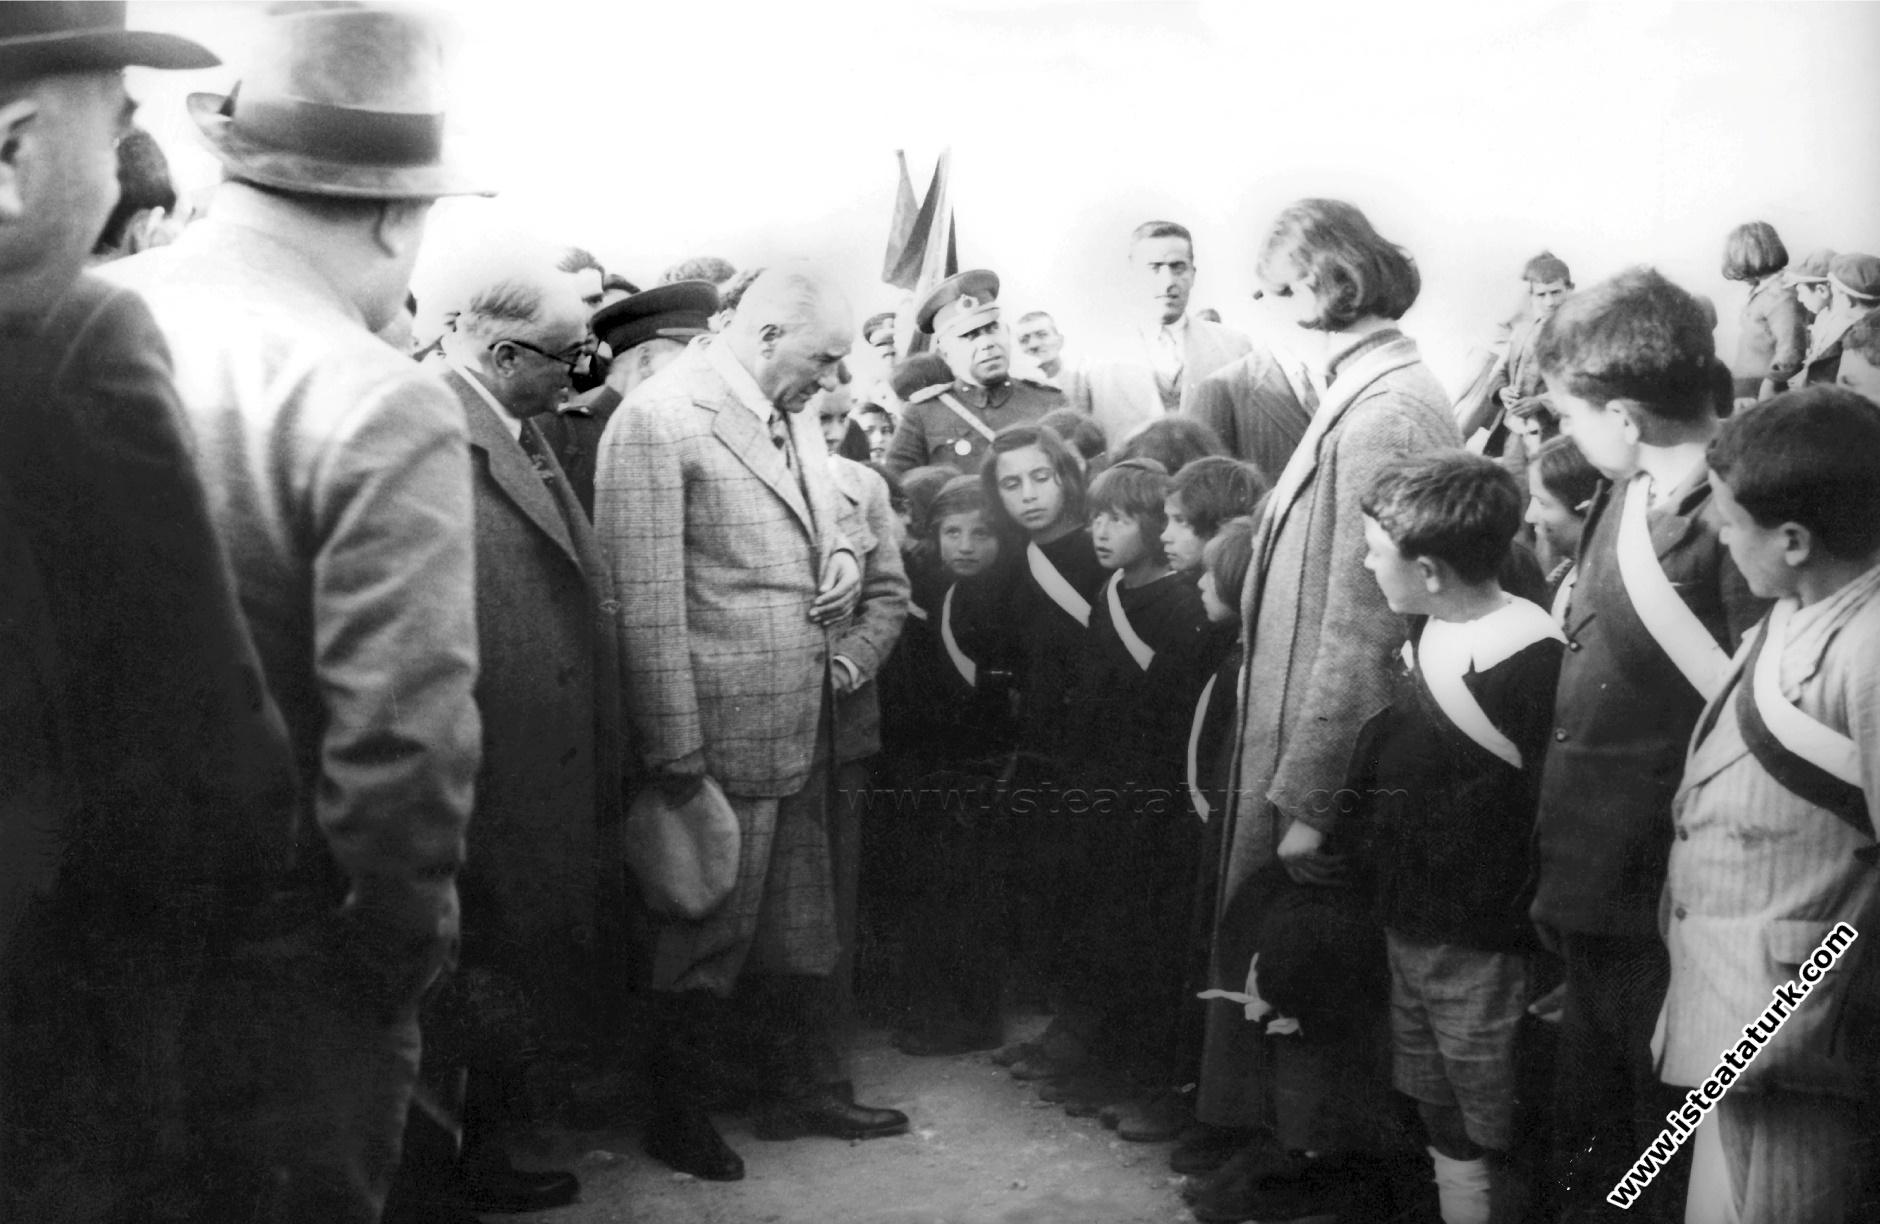 Atatürk Tunceli Pertek'te öğrencilerle konuşur...